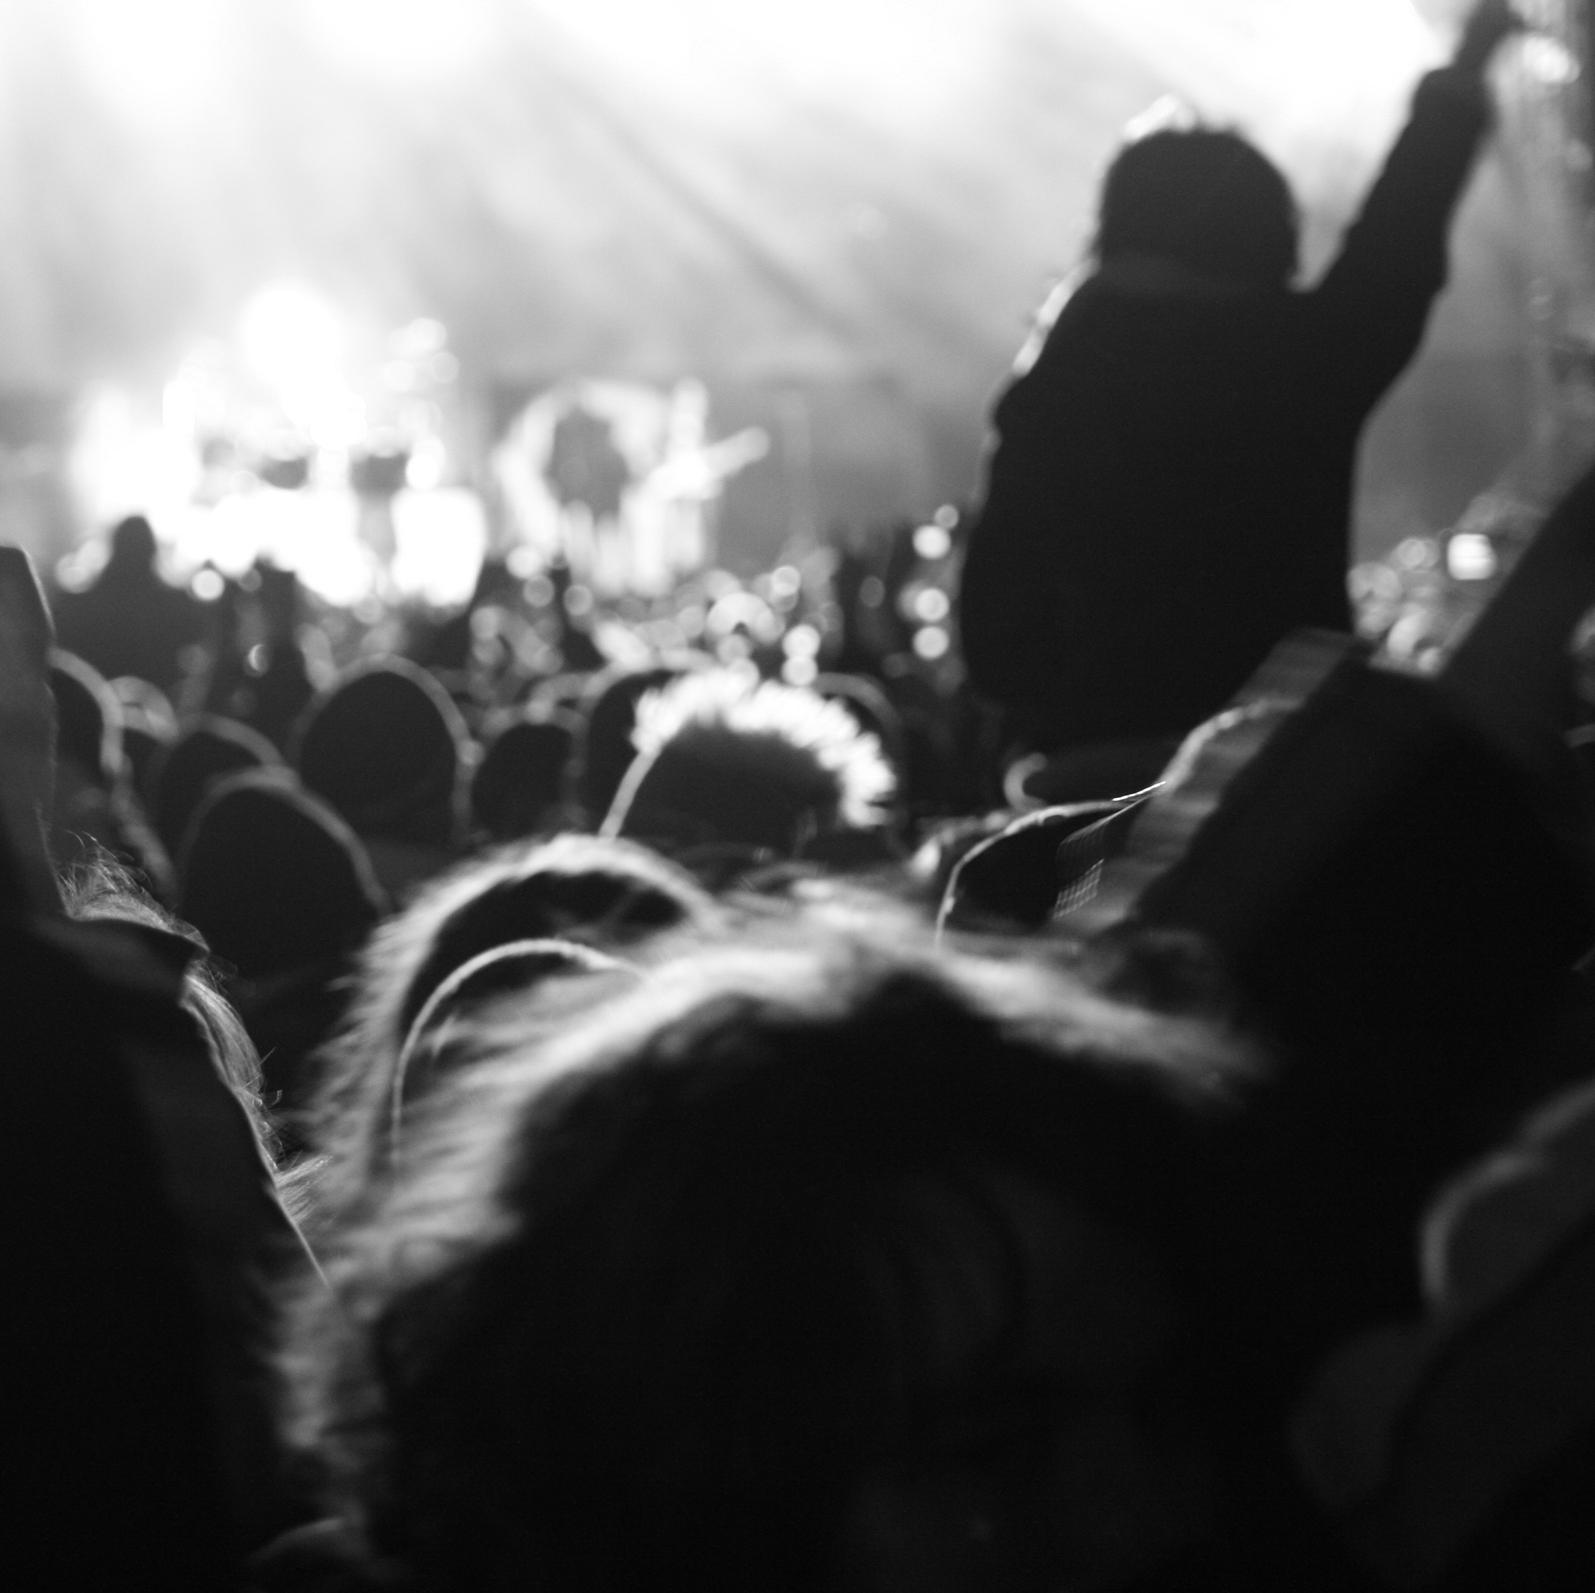 concert-181